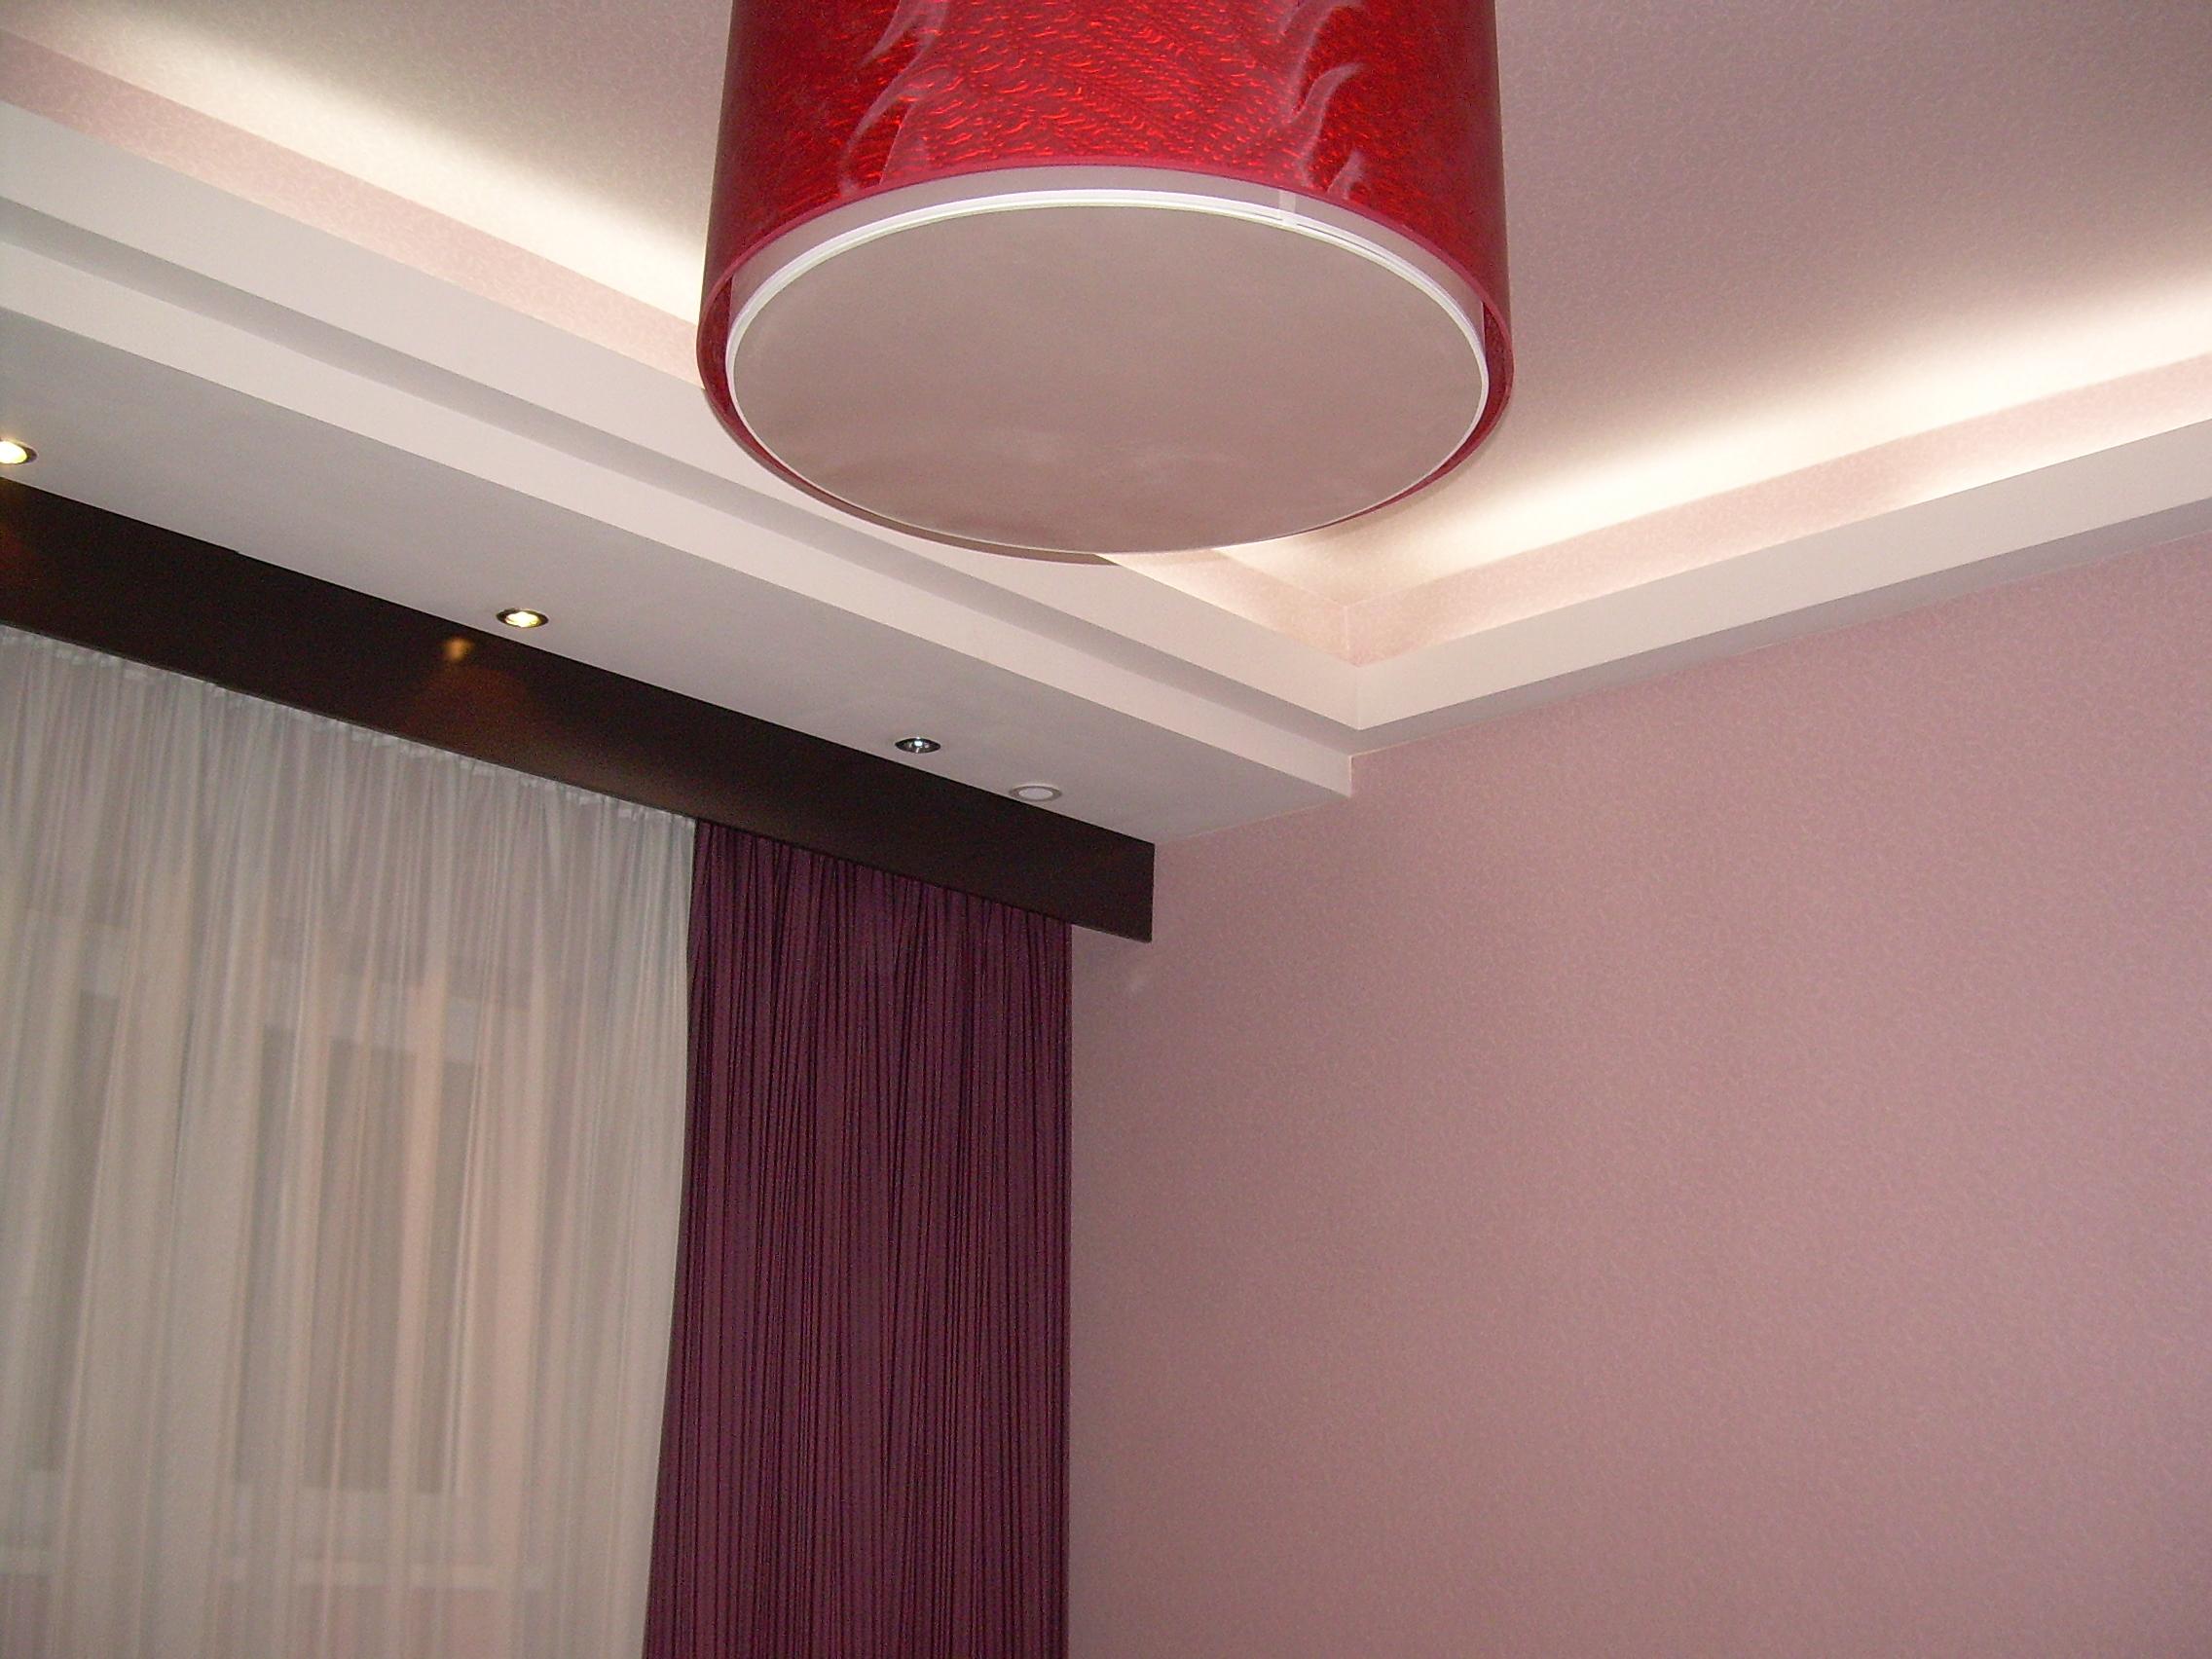 Lucrari de amenajare interioare cu tapet  - Poza 23